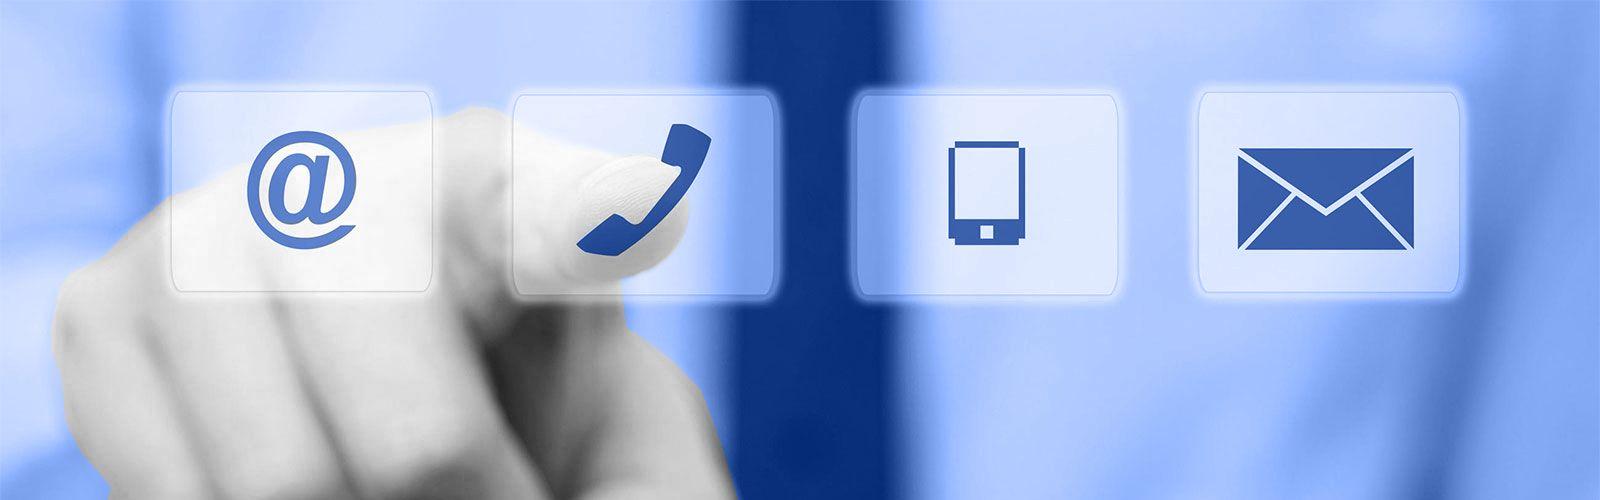 Contacto y Comunicación con Luigi Tools - @LuigiTools